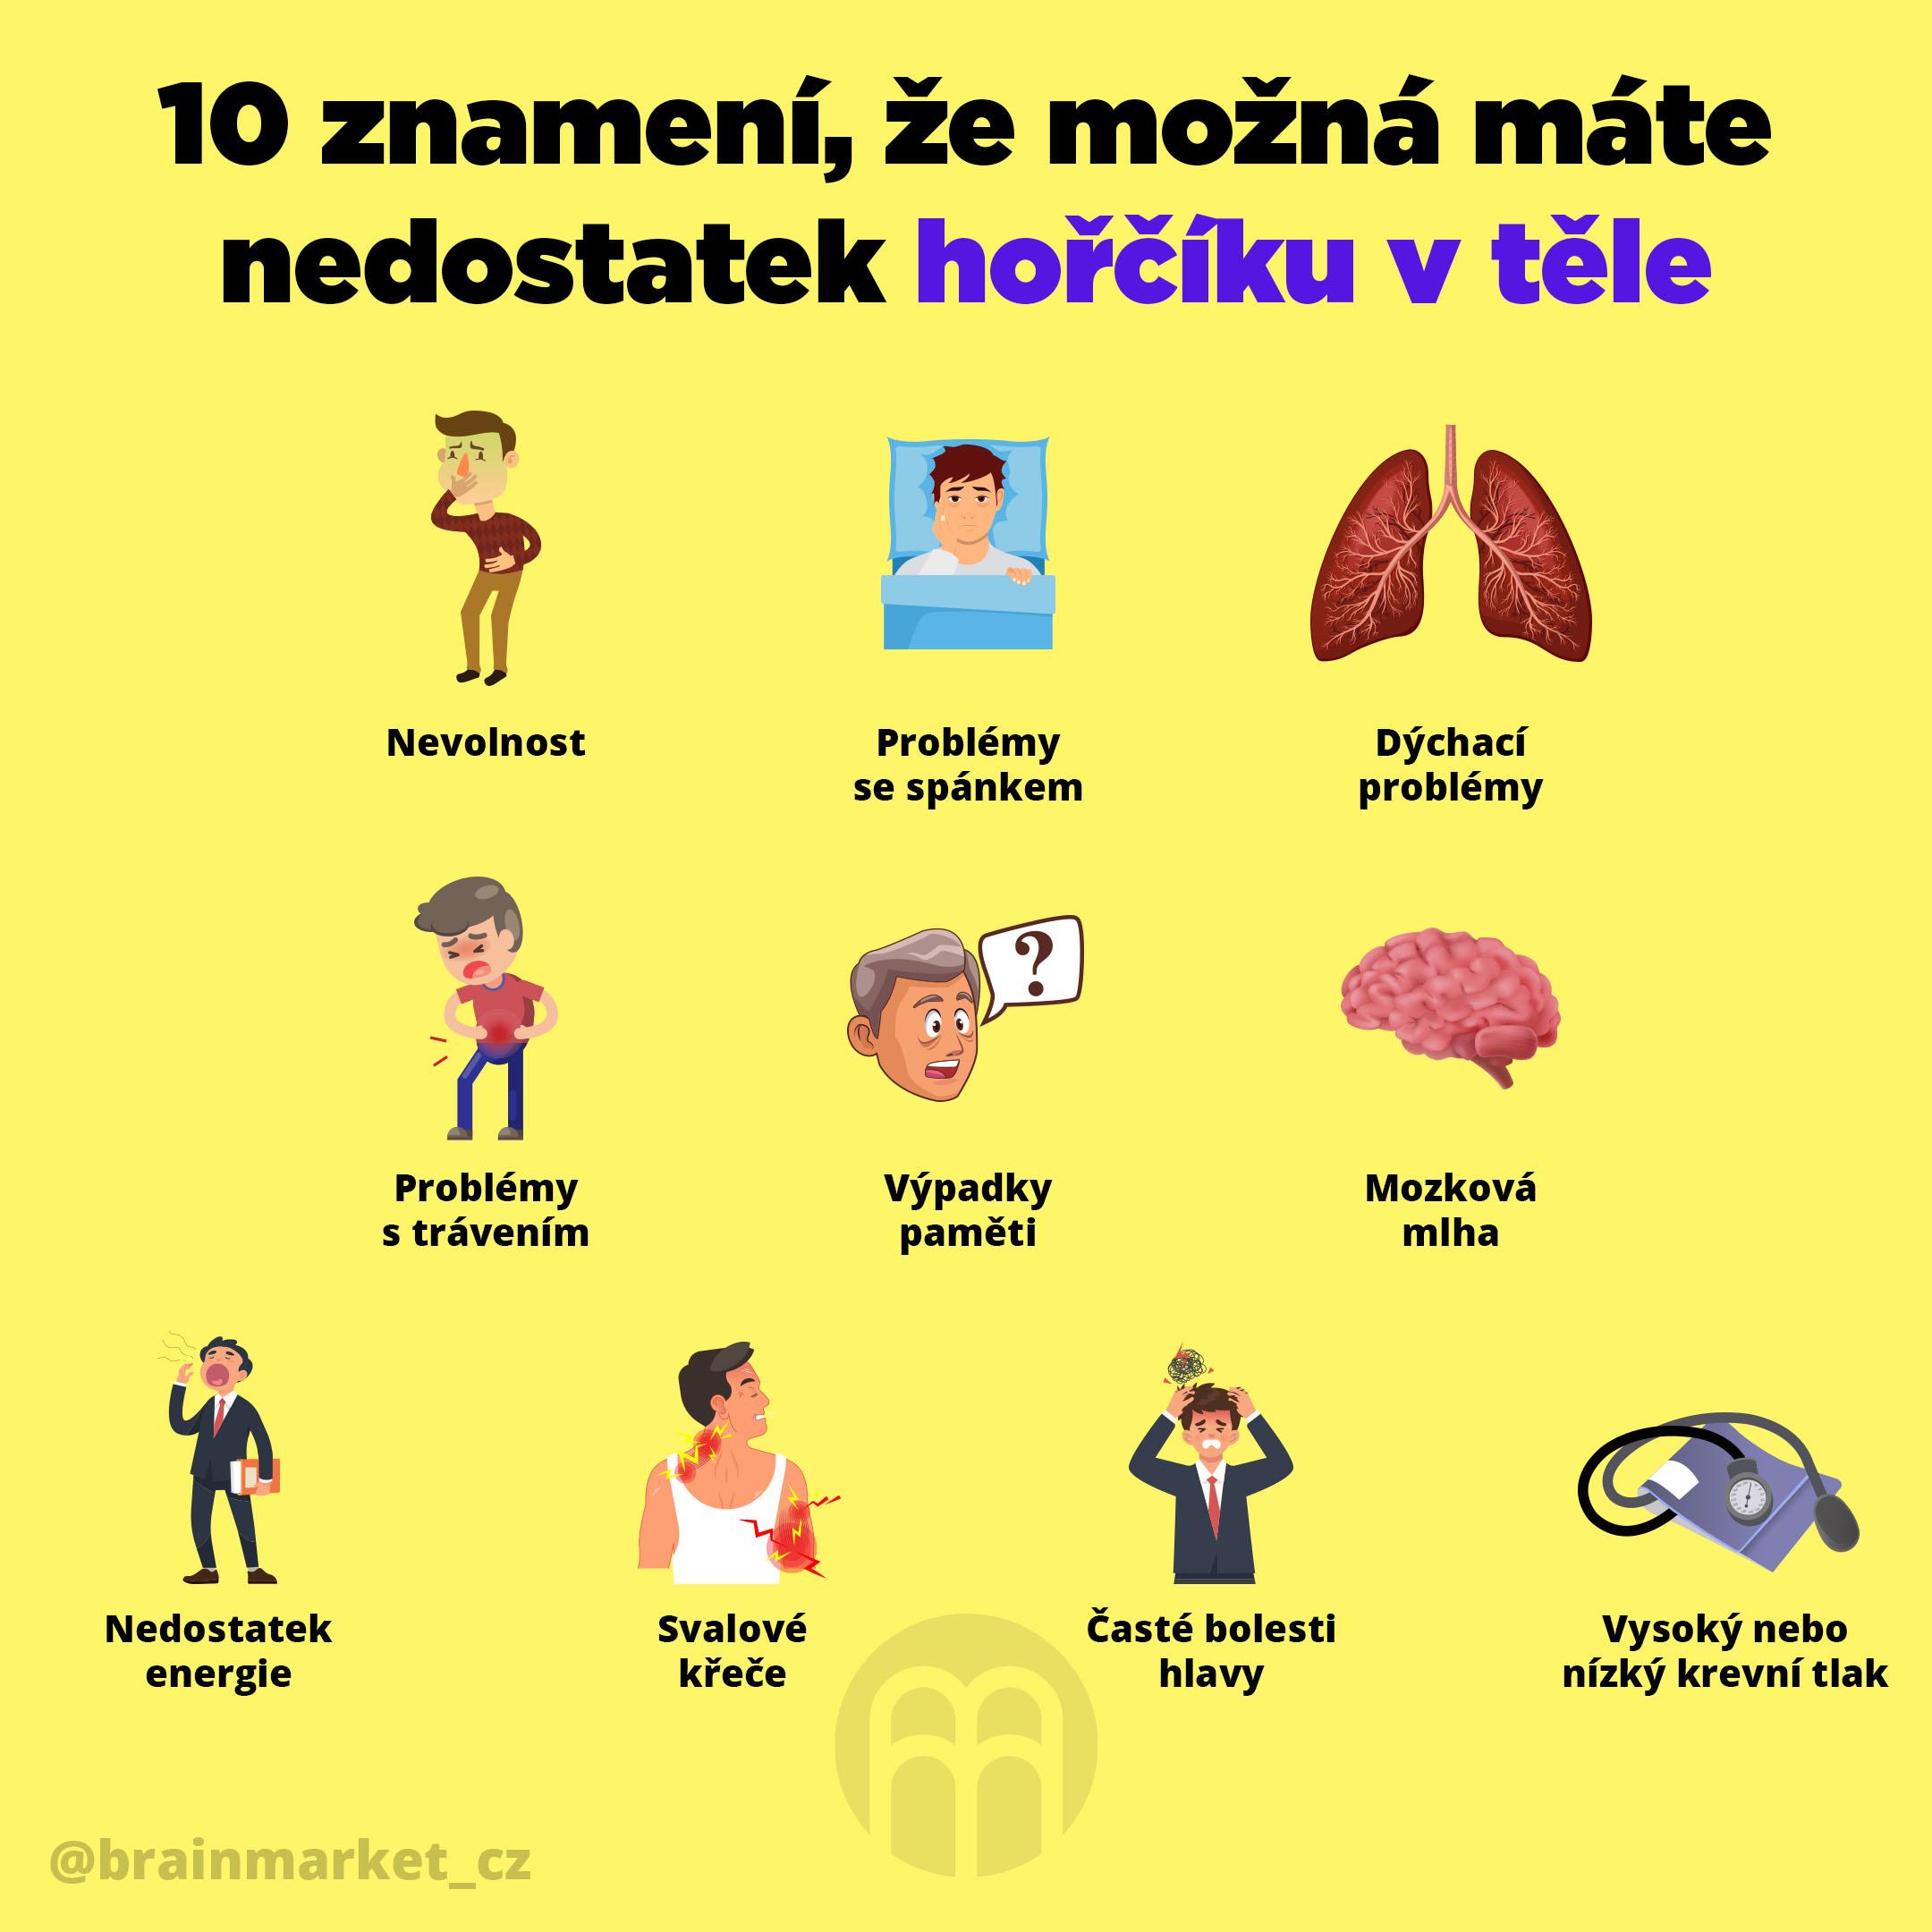 10_znameni_ze_mozna_mate_nedostatek_horciku_v_tele